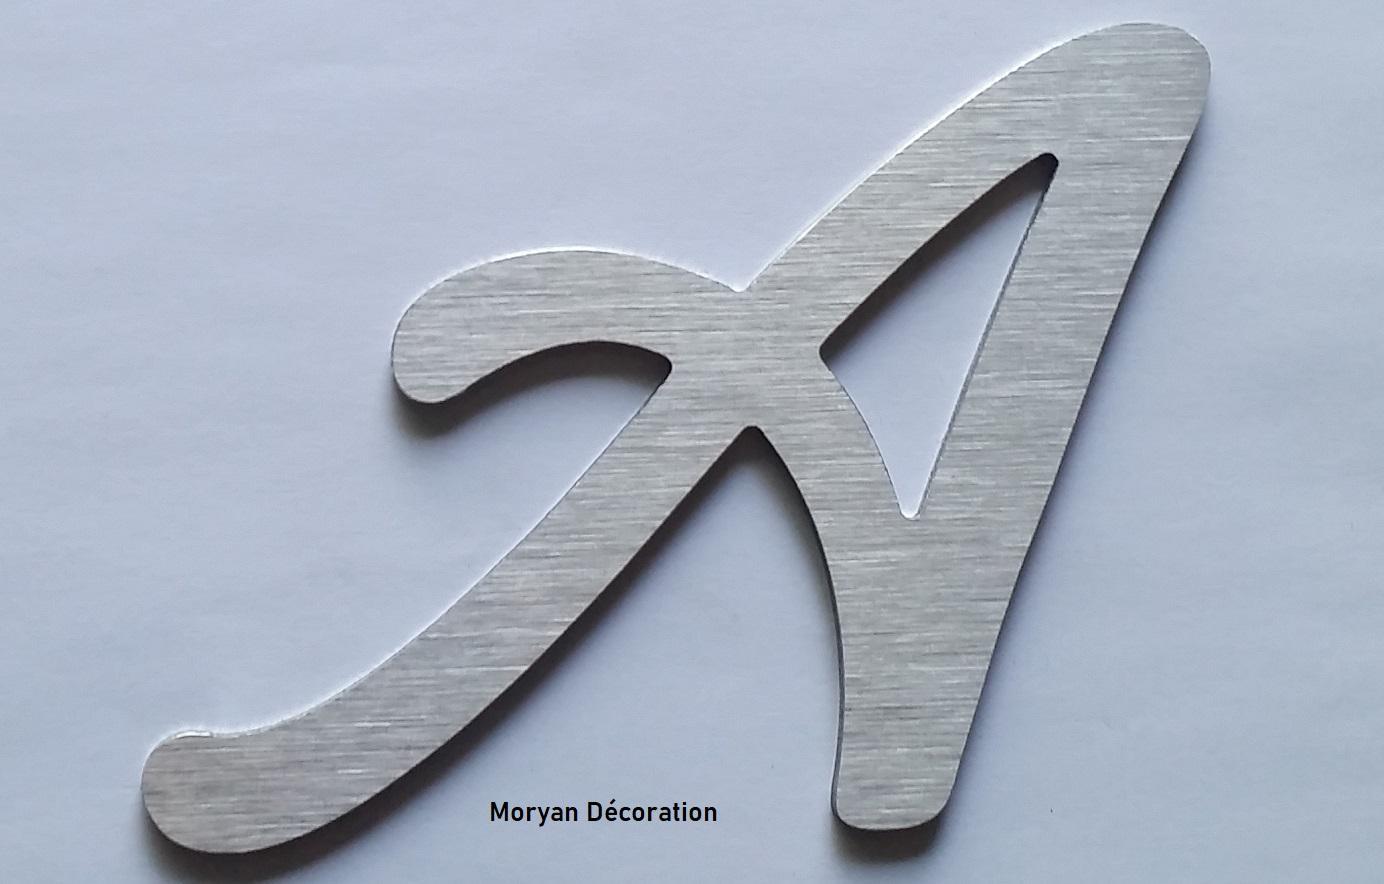 Lettre decorative murale en metal brosse lombriz